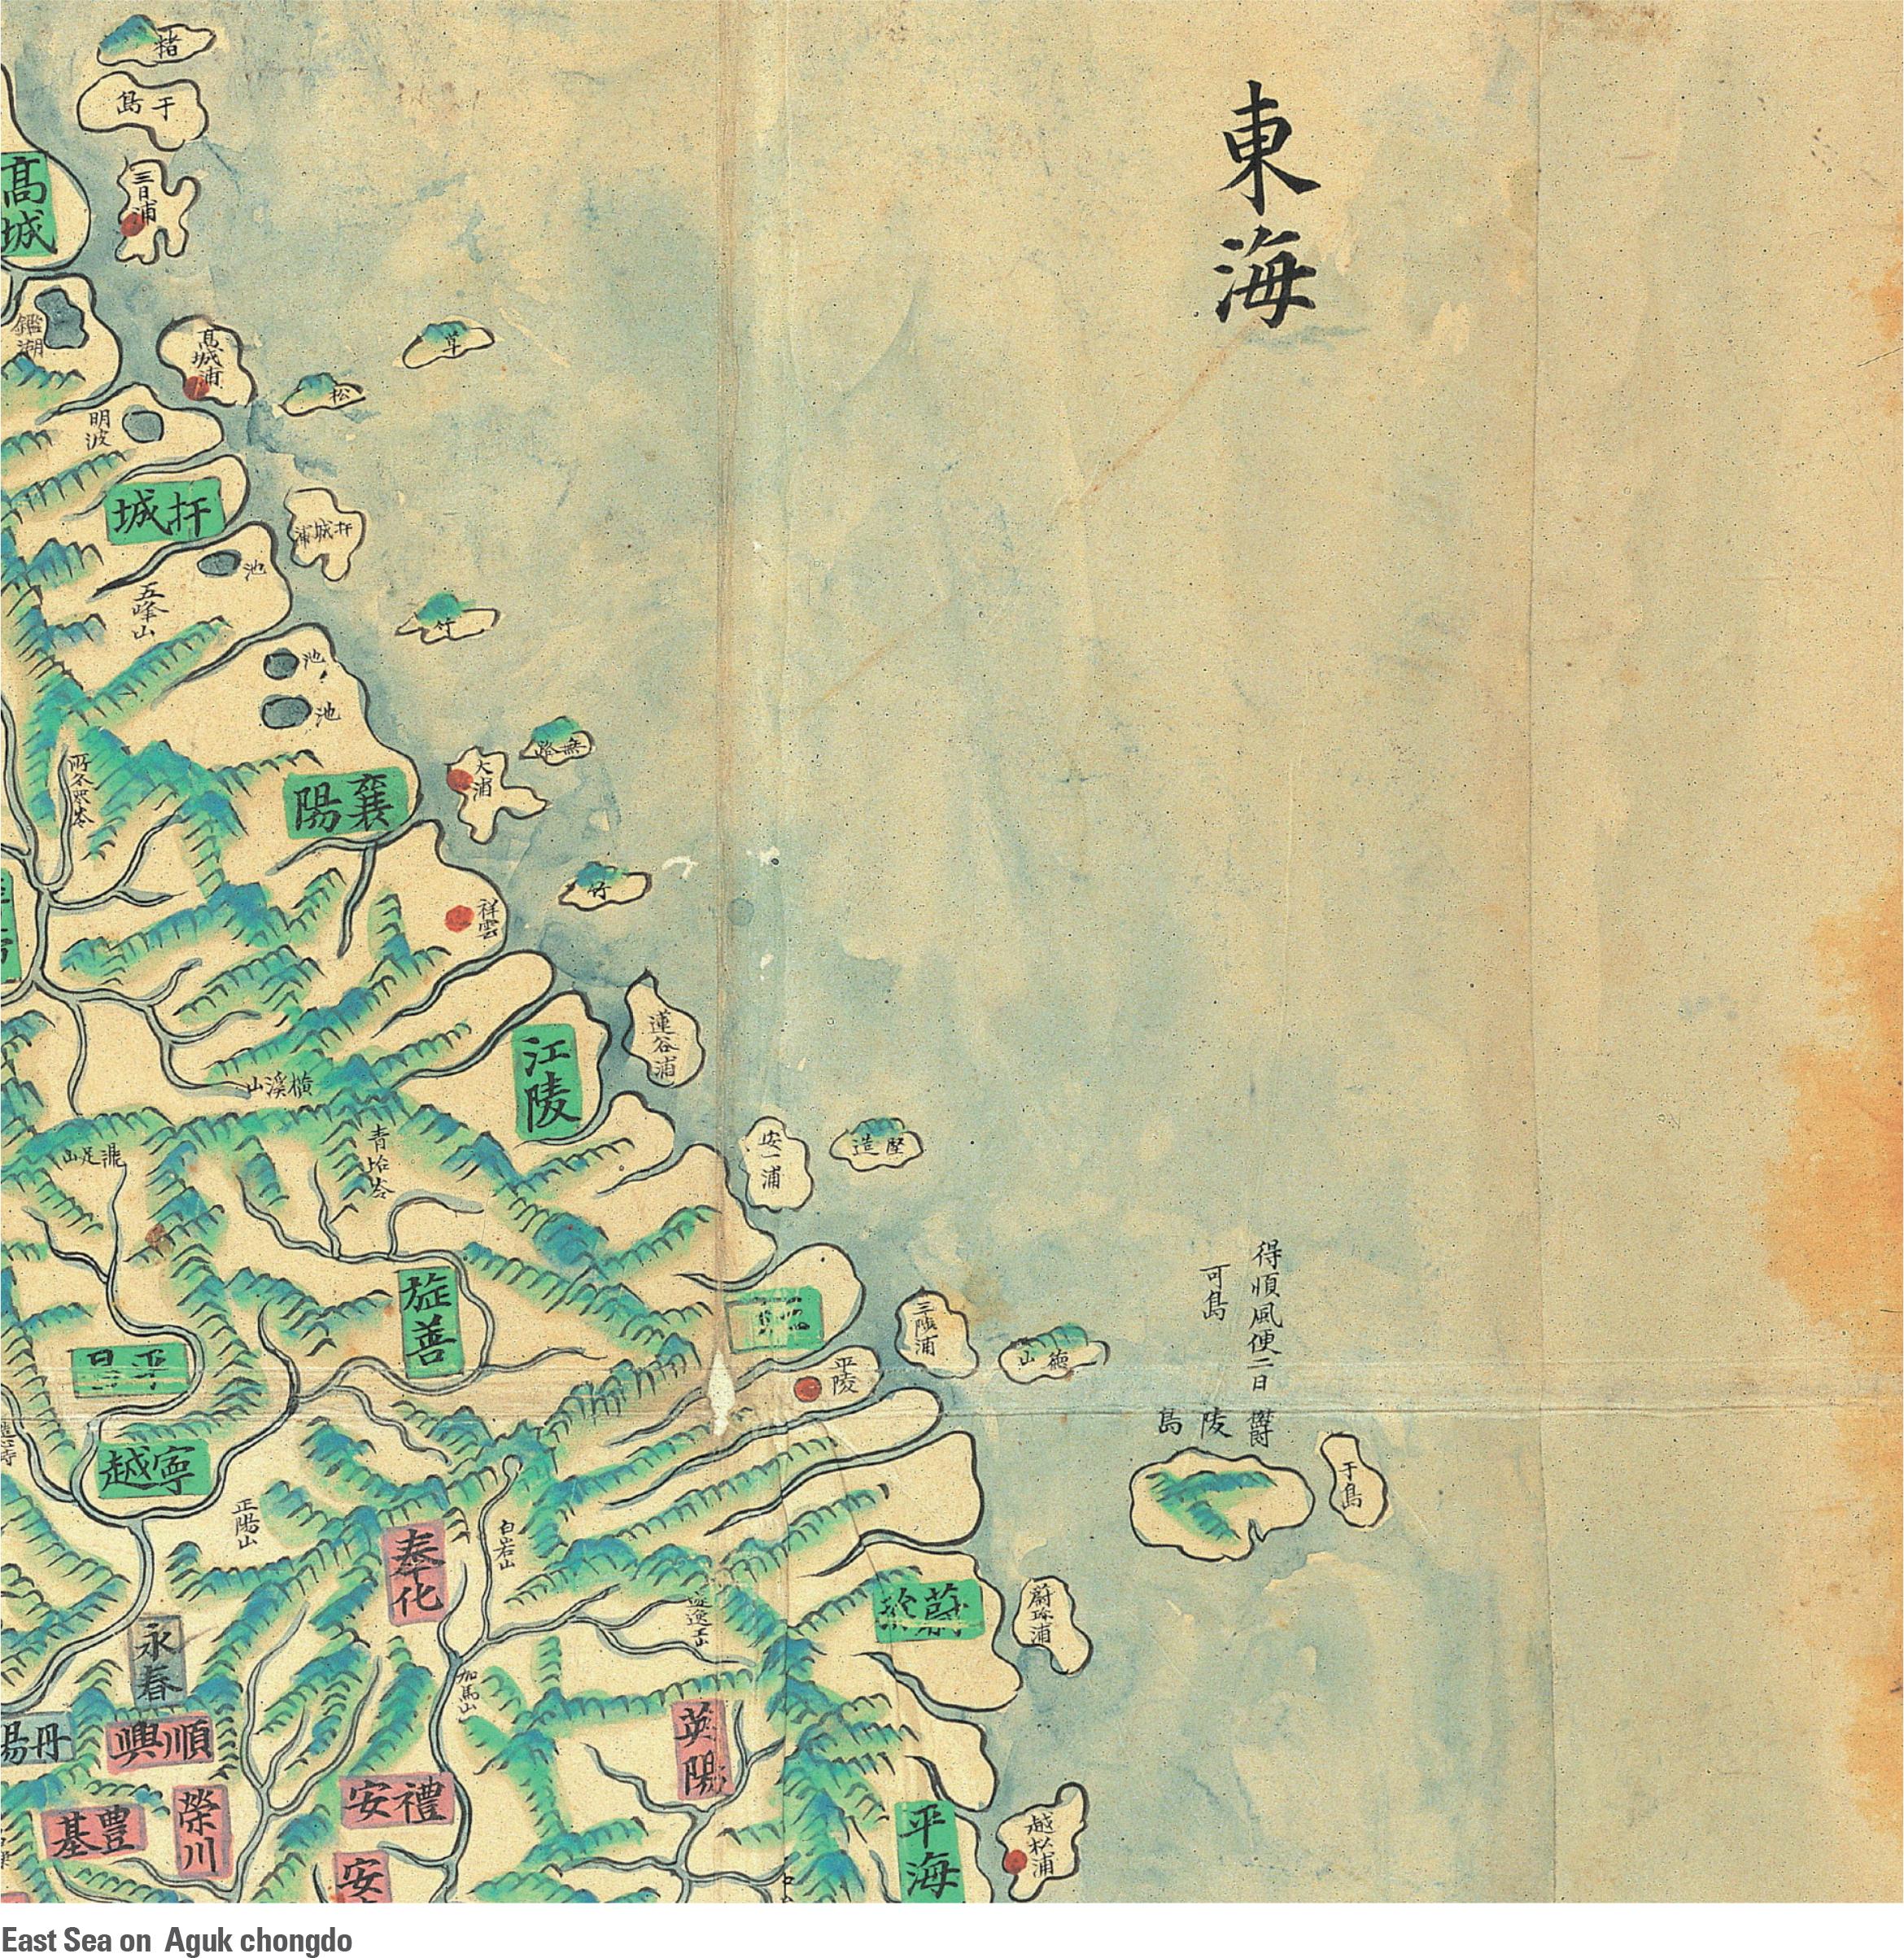 East Sea on Aguk chongdo